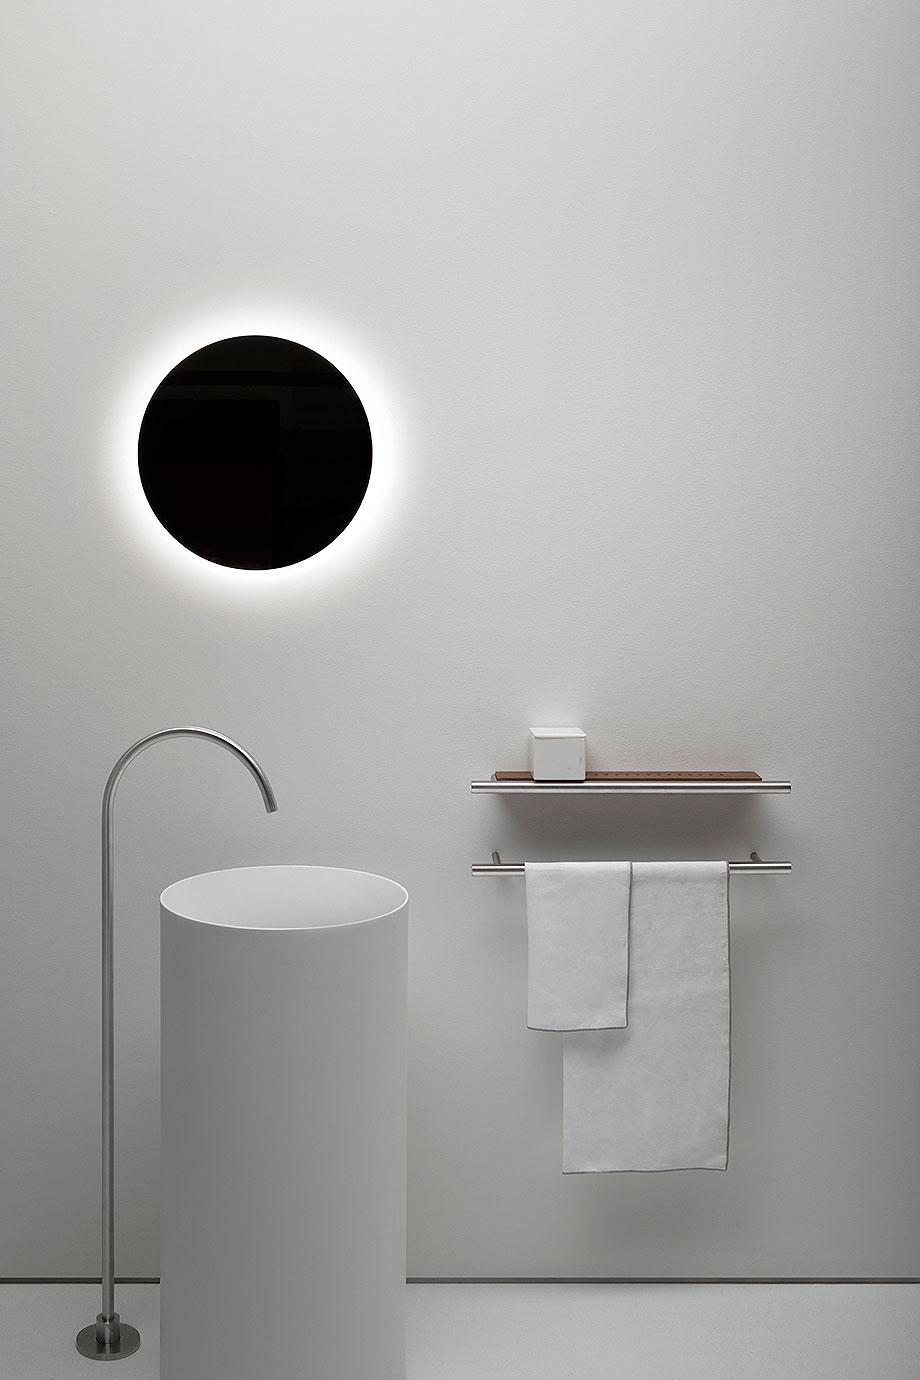 accesorios para baño cilindro de victor vasilev para falper (5) - foto alberto strada